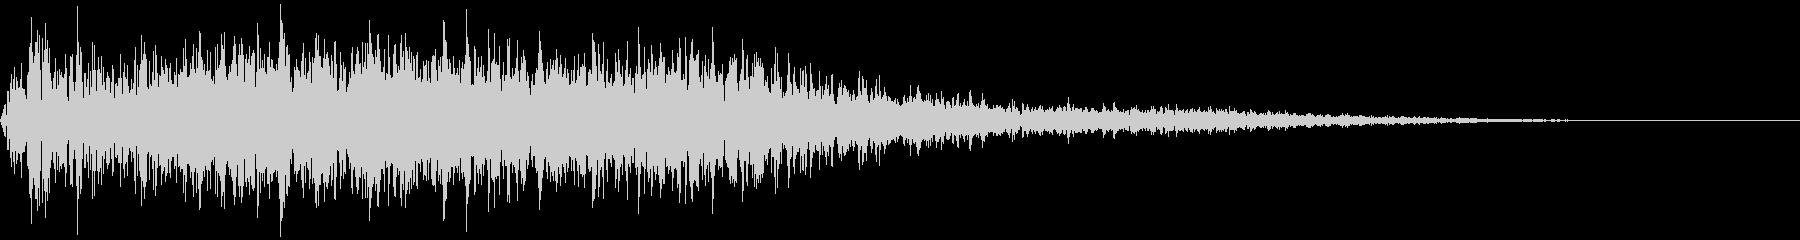 シューッという音EC07_88_5の未再生の波形